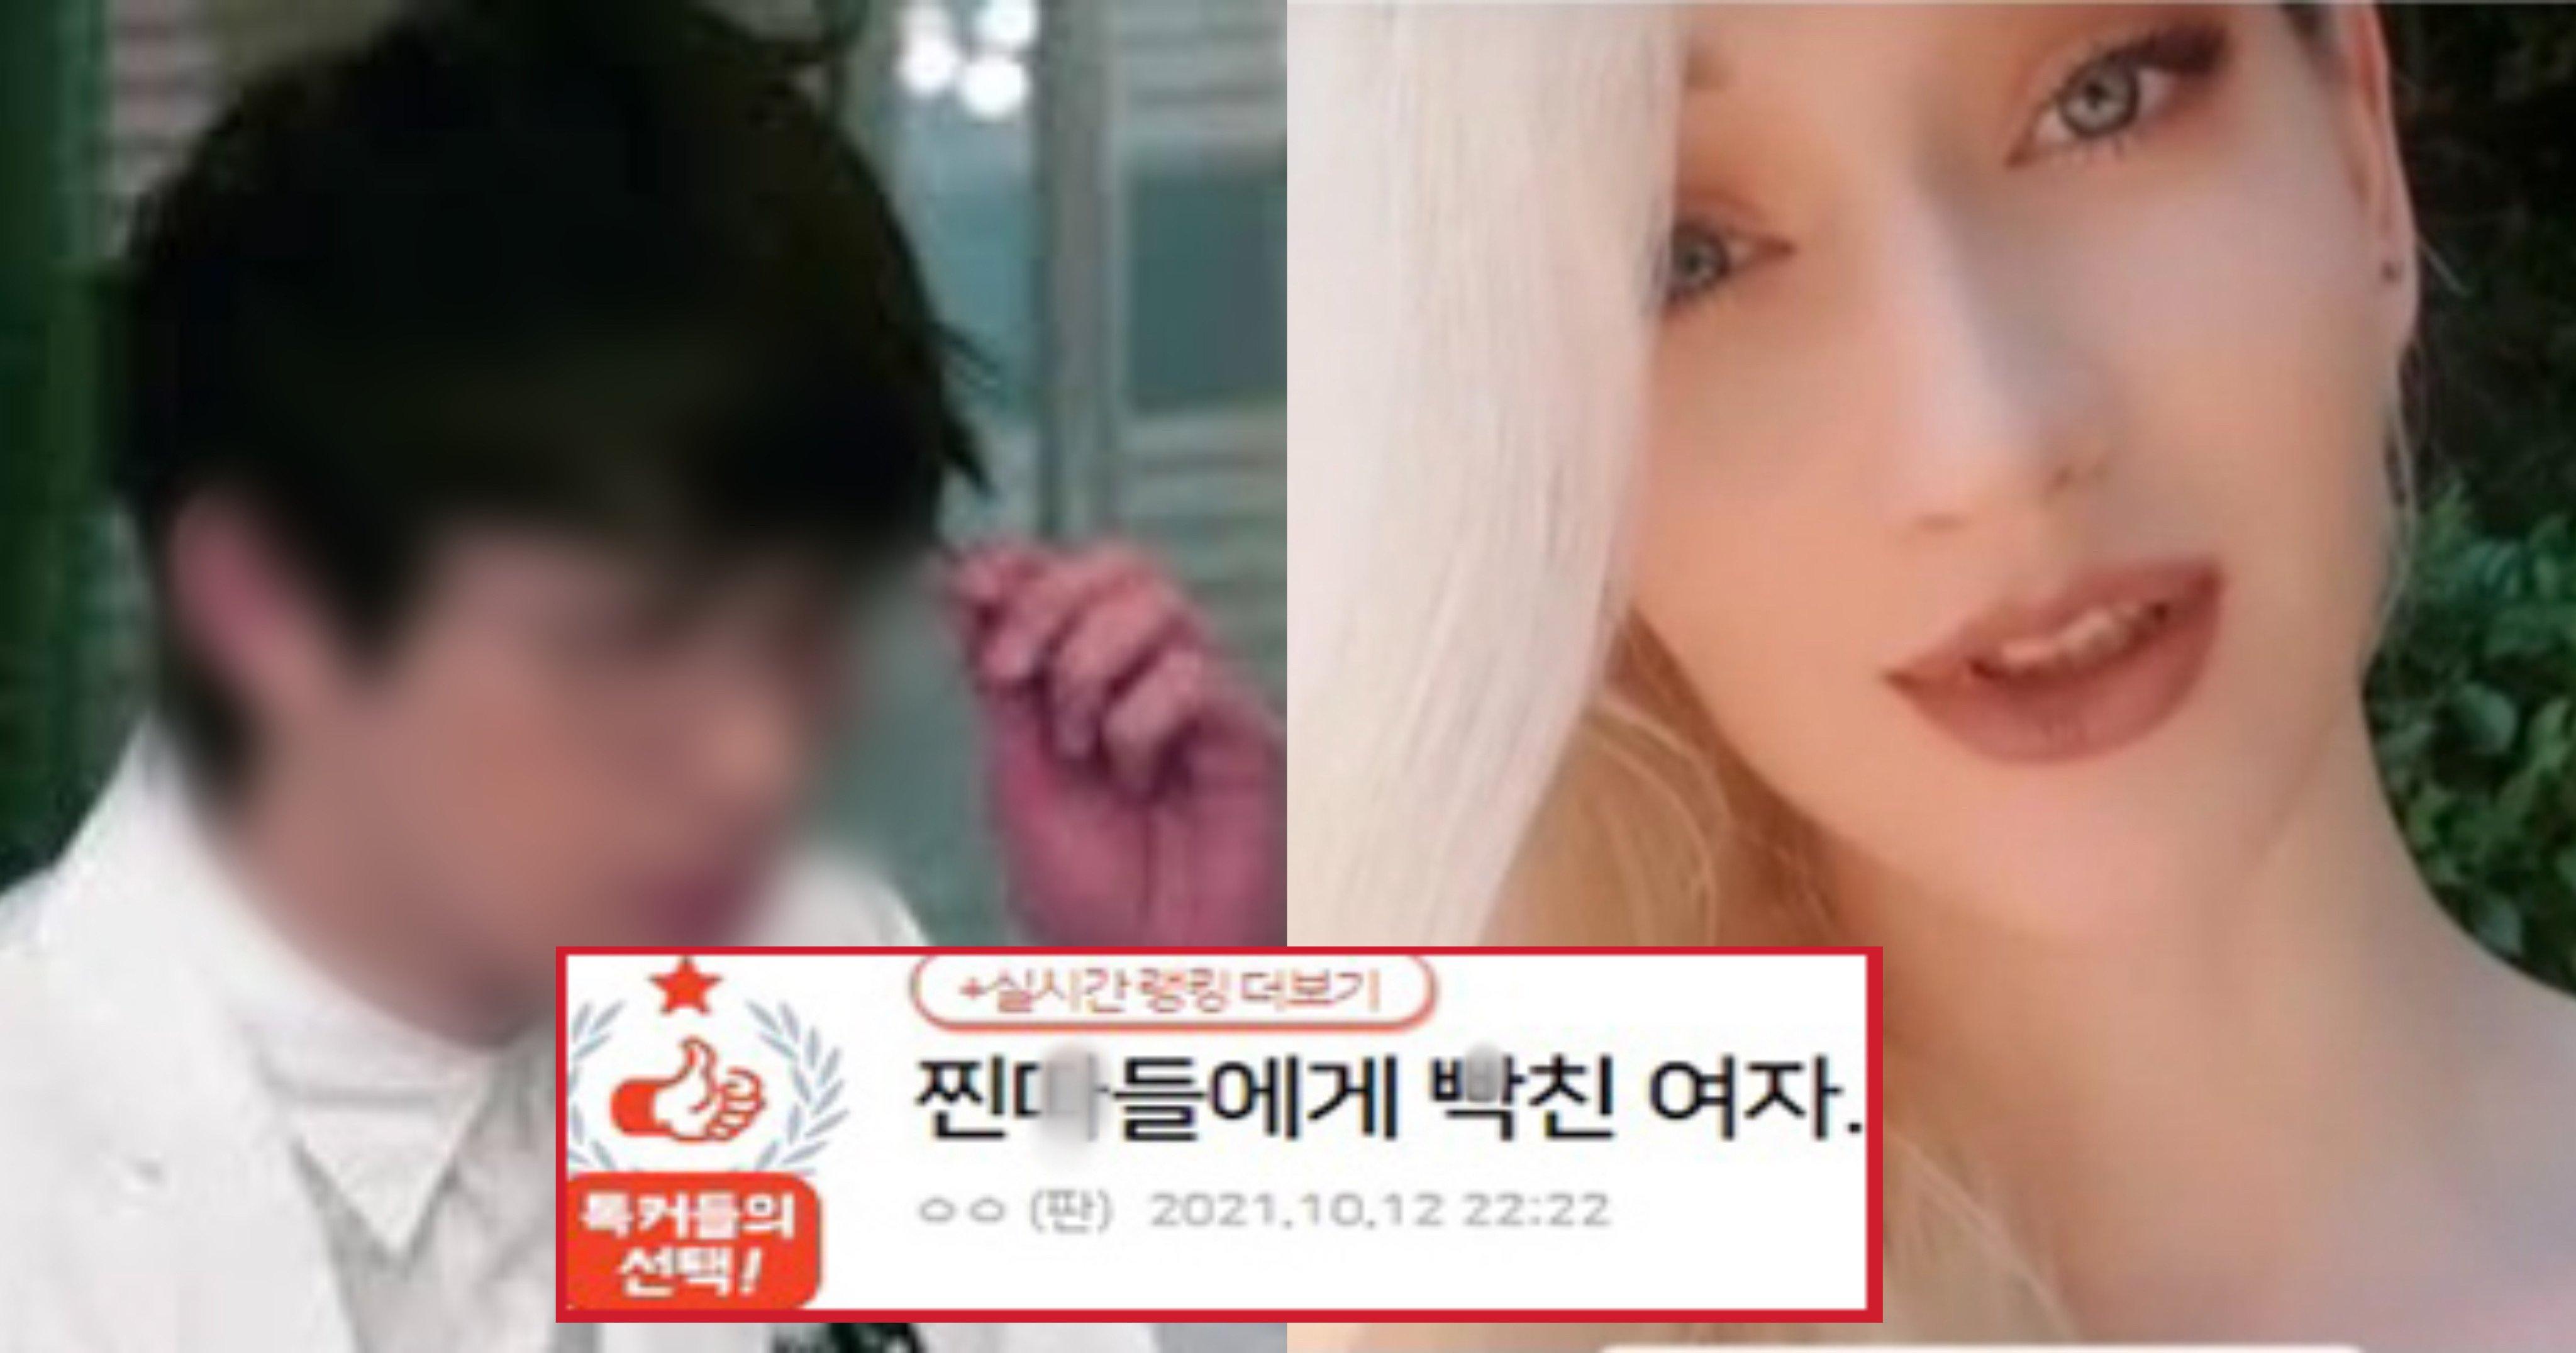 """7a971d8d f145 4079 a73e c9f30ba53870.jpeg?resize=1200,630 - """"세계에서 봐도 불쌍해"""" 외국 여자가 직접 말한 인기 없는 한국 남자들 특징"""